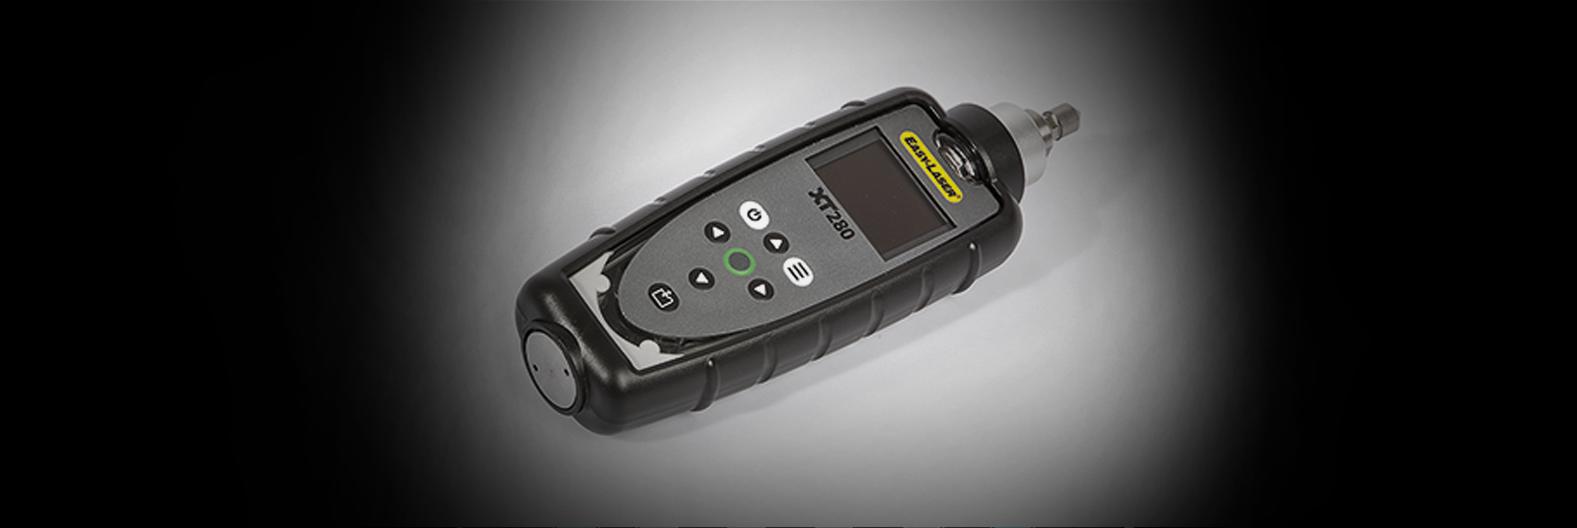 xt280 vibration tool